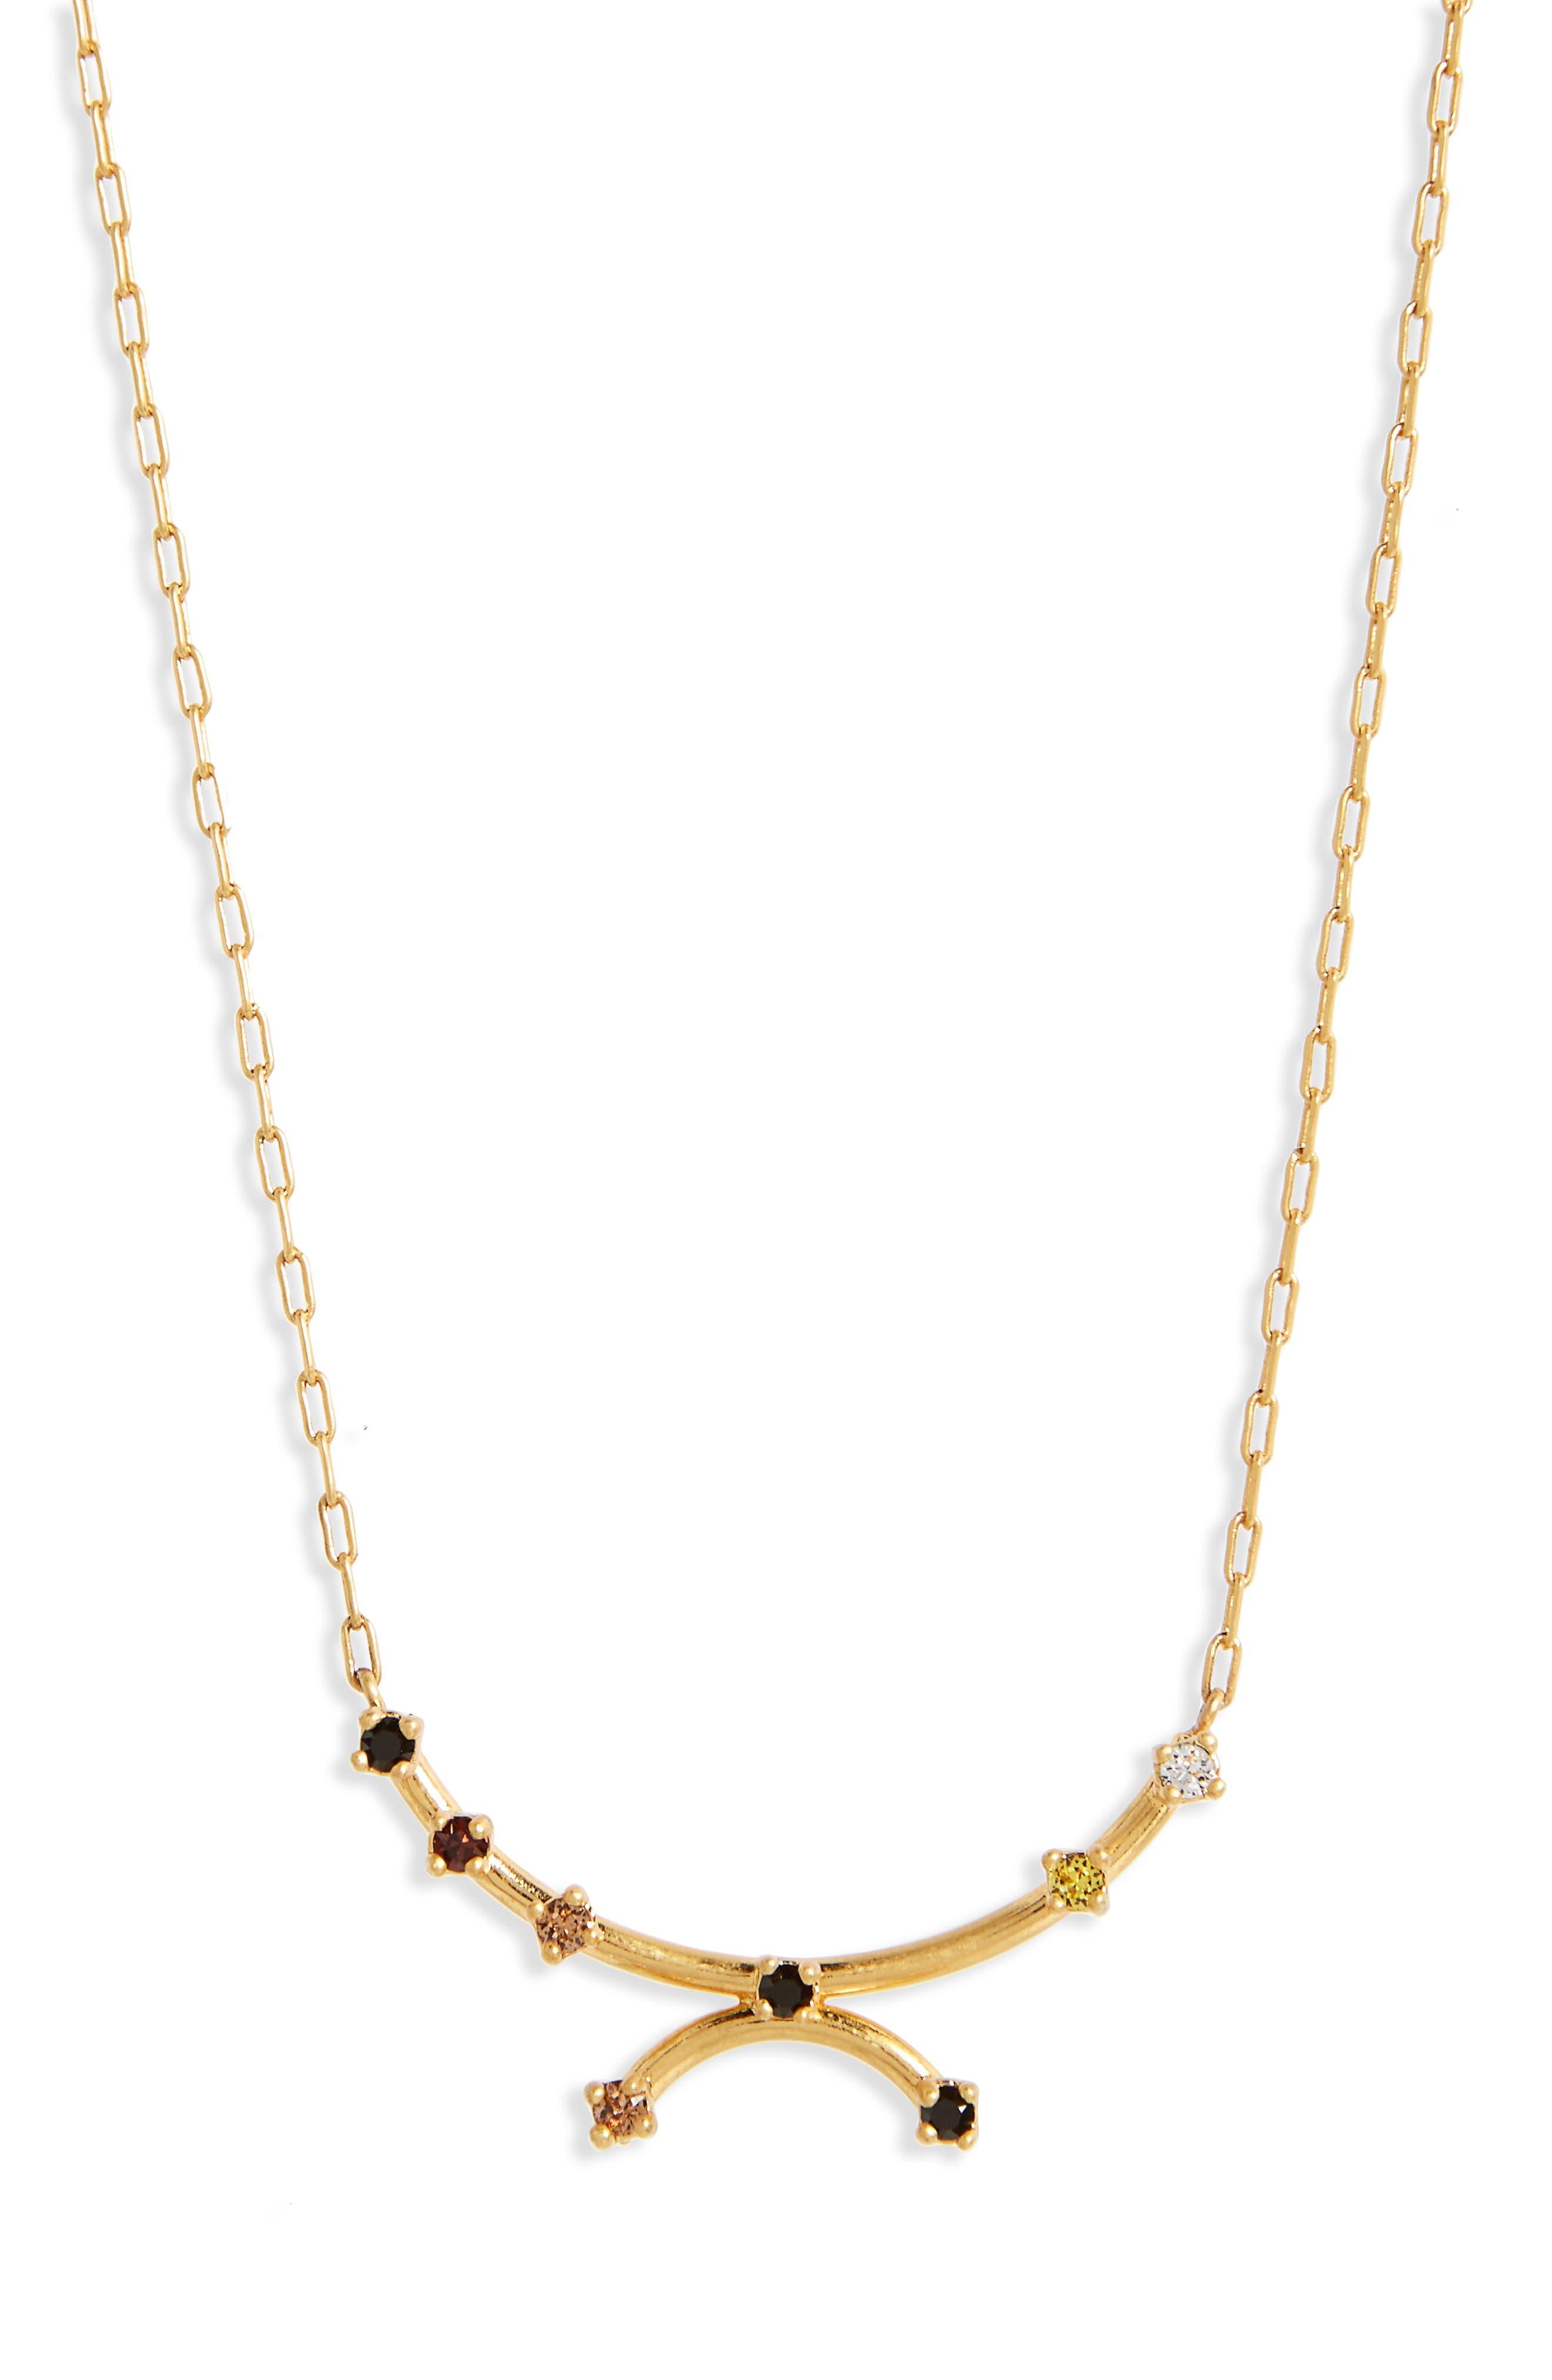 Gem Line Necklace,                             Main thumbnail 1, color,